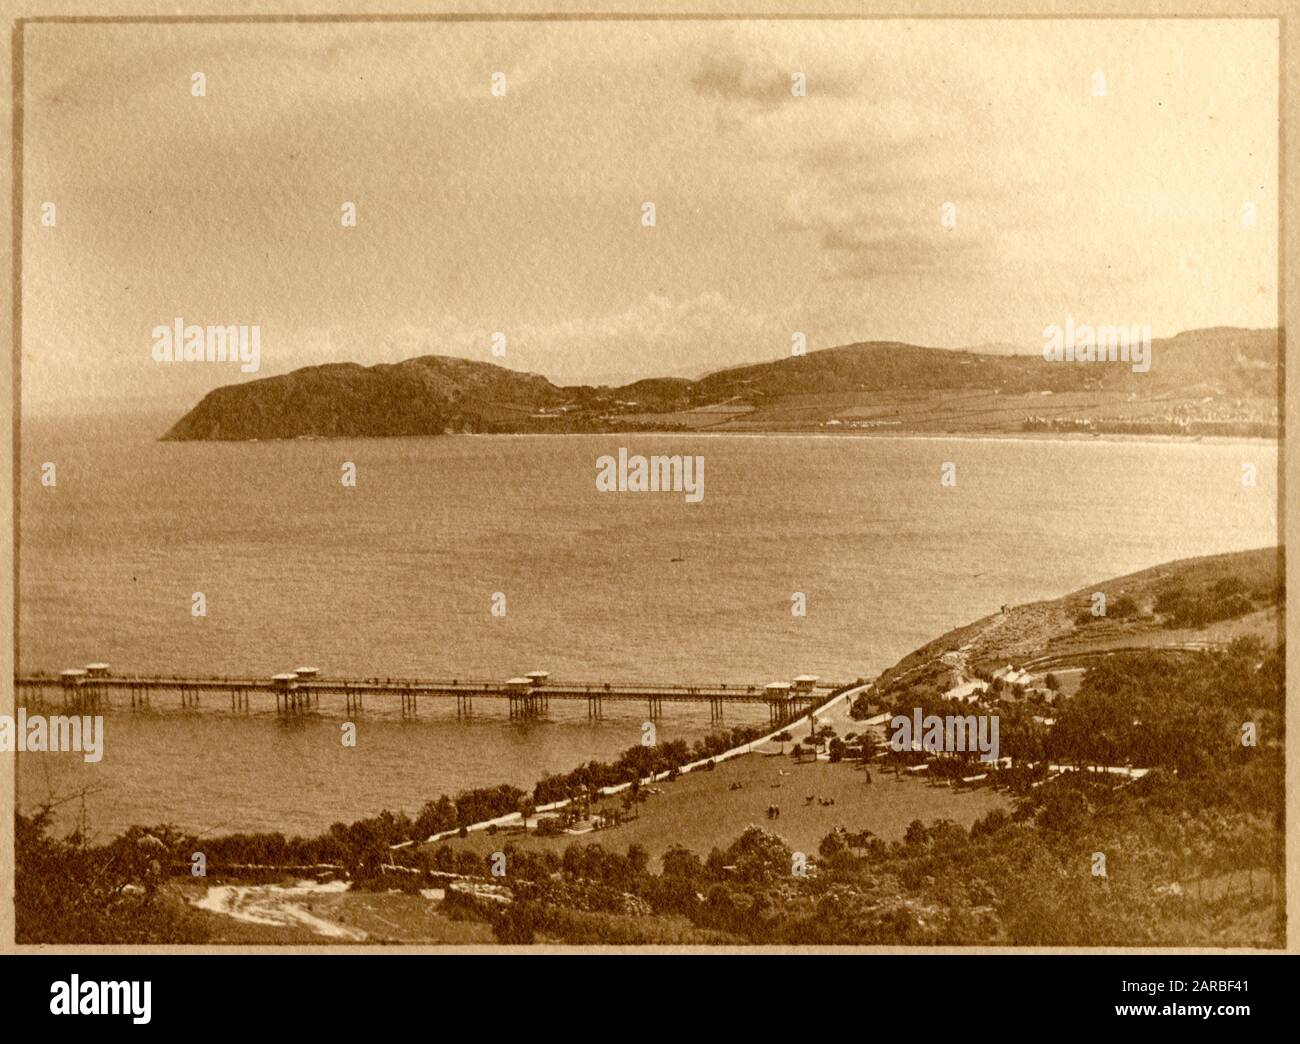 Vista distante del muelle, Llandudno, Gales del Norte. Fecha: Alrededor de 1900 Foto de stock